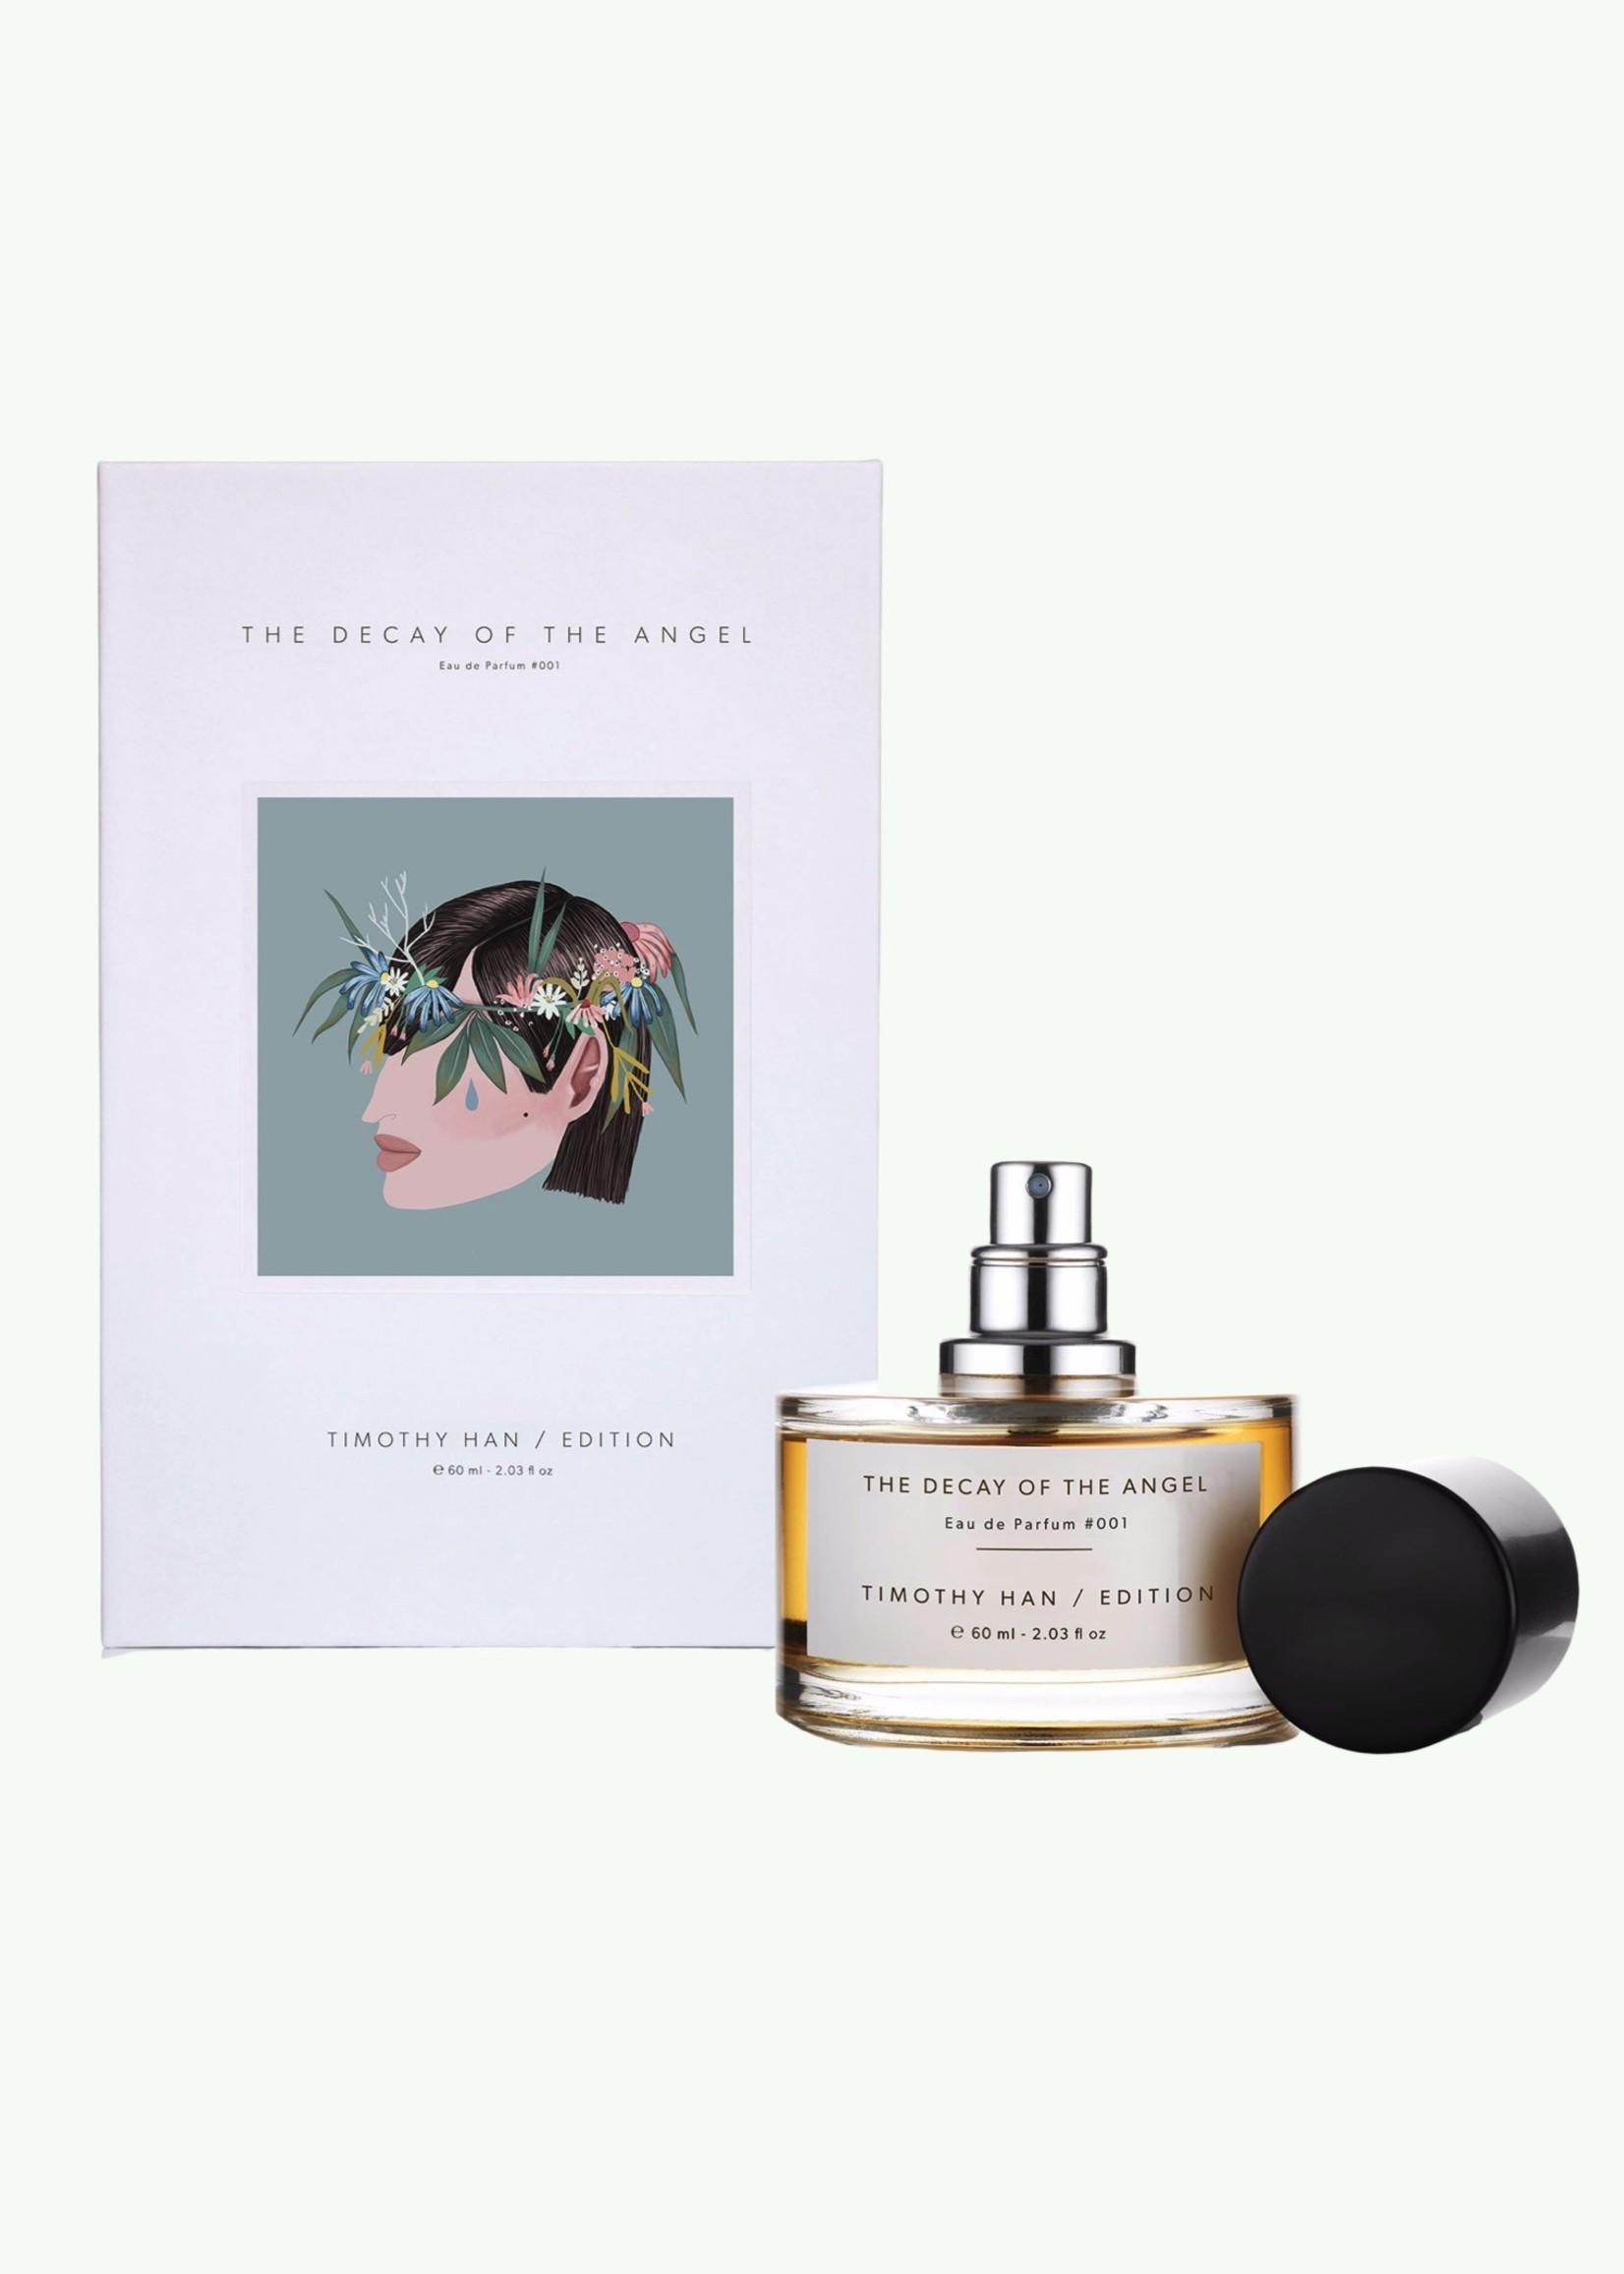 Timothy Han / Edition Timothy Han / Edition - The Decay of the Angel - Eau de Parfum